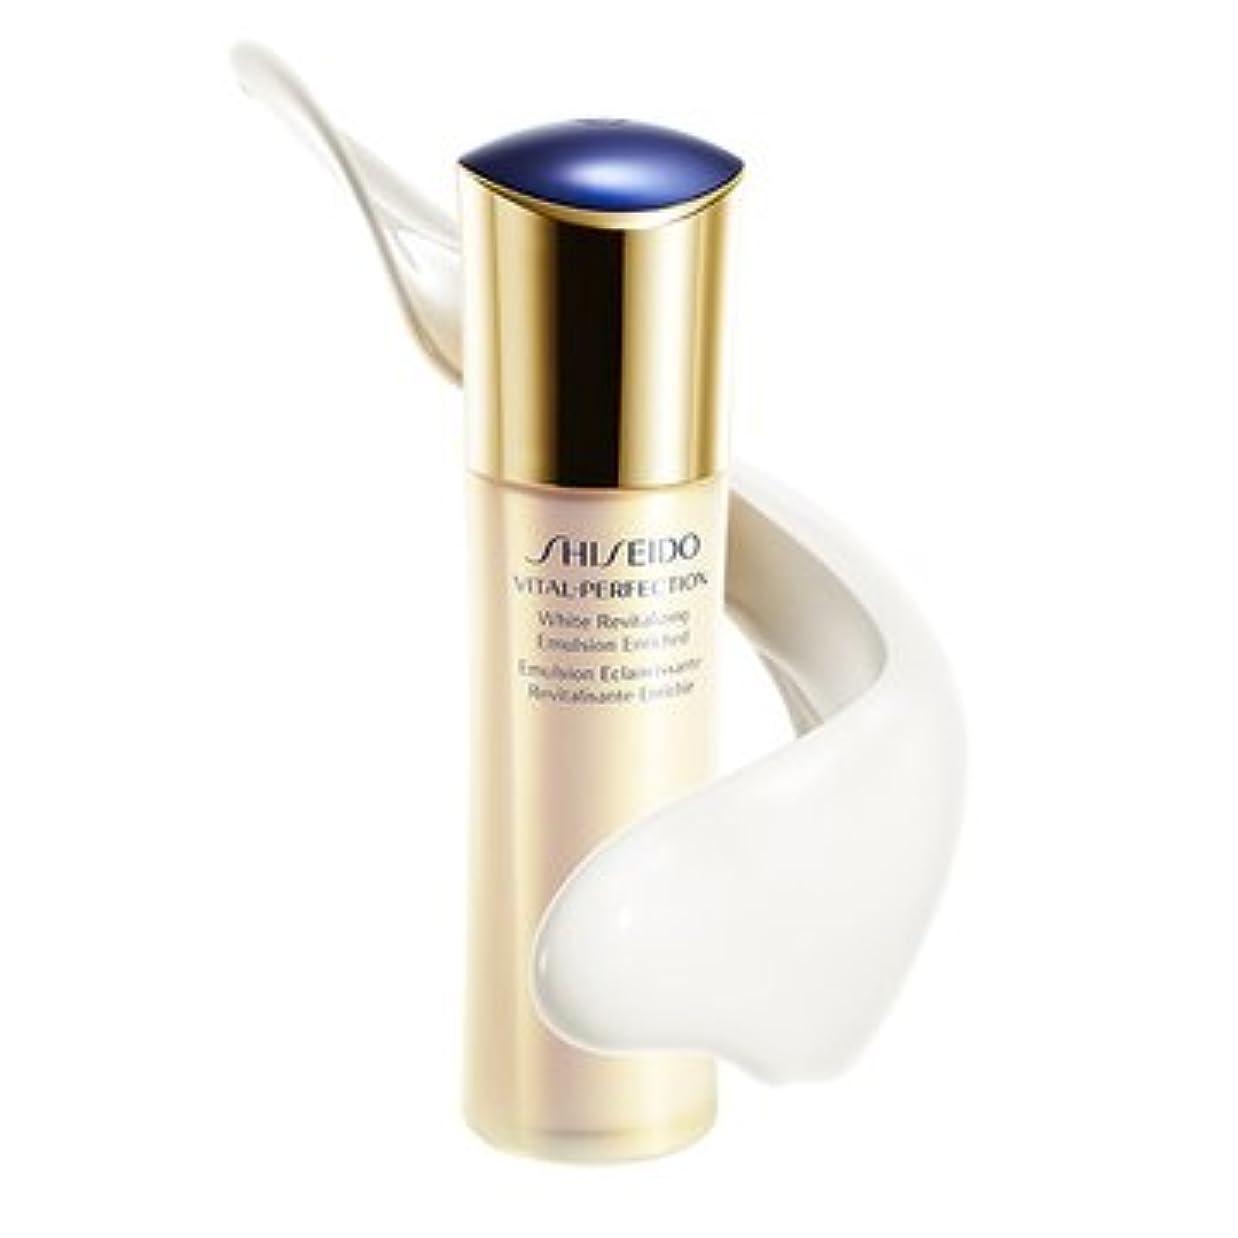 保険宿る国歌資生堂/shiseido バイタルパーフェクション/VITAL-PERFECTION ホワイトRV エマルジョン(医薬部外品)美白乳液